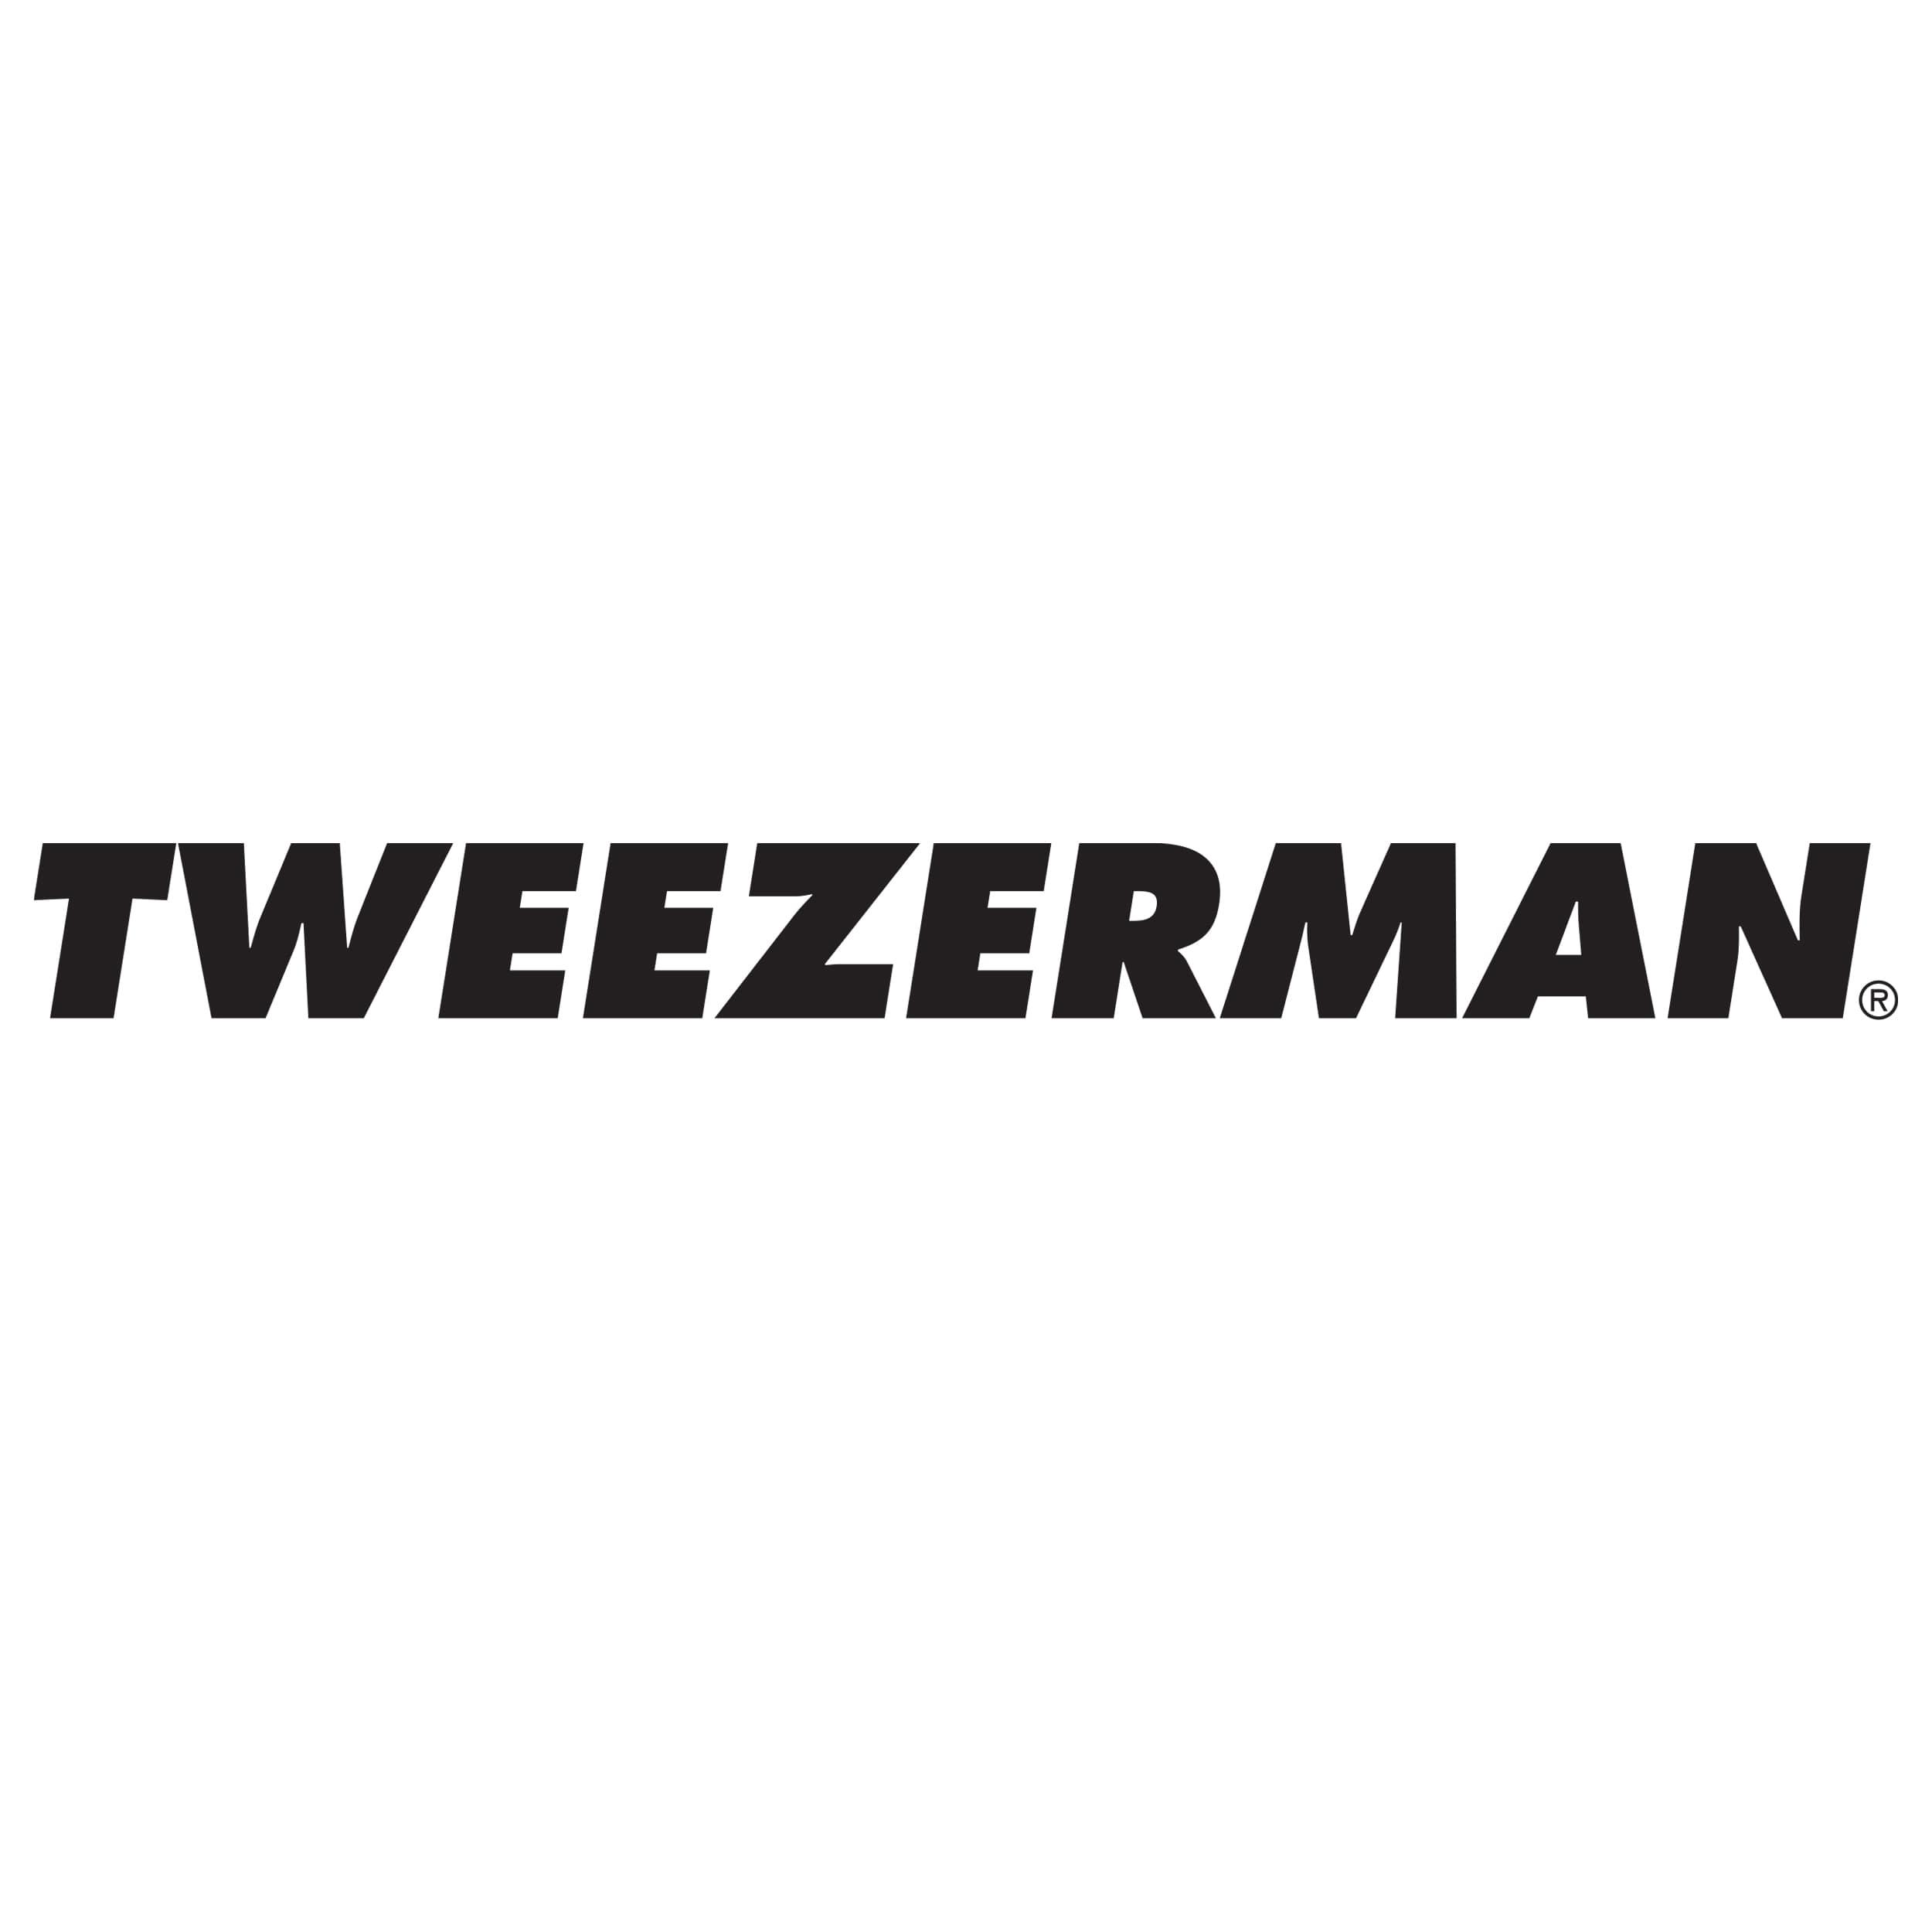 Leopard Print Slant Tweezer - 1256-LR - Tweezerman UK